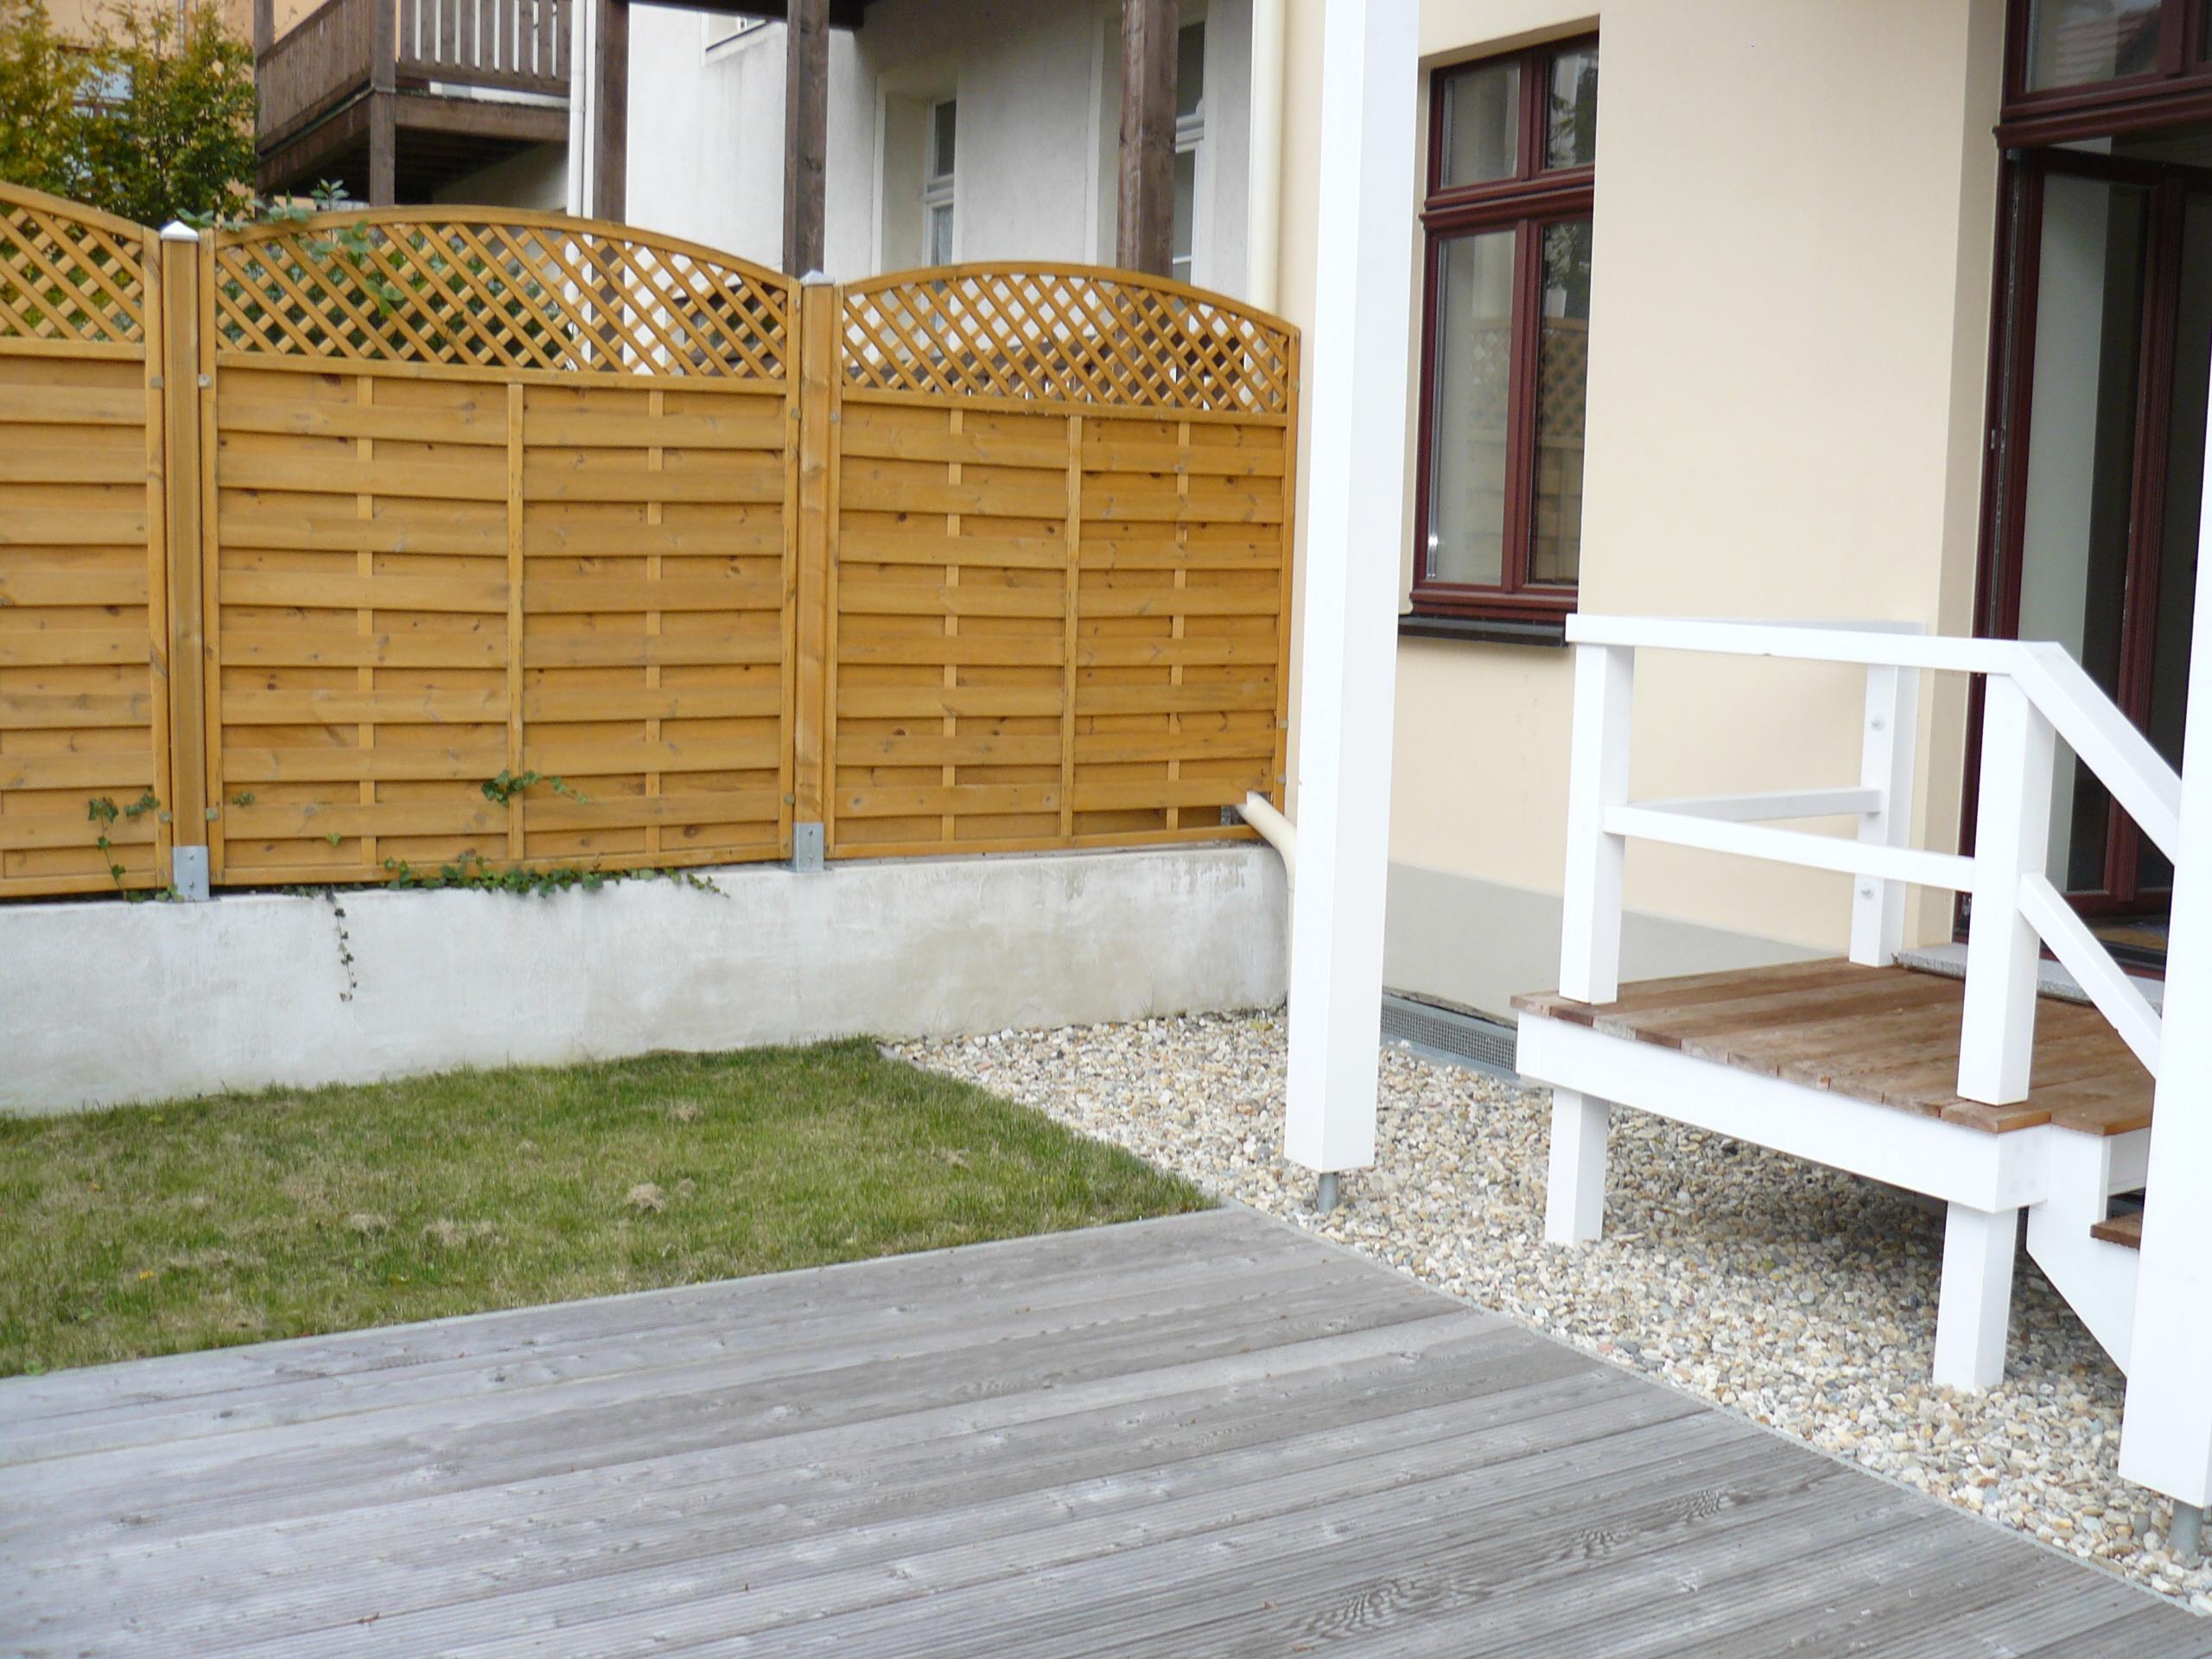 Mietwohnung: Vermietung von 3-Raum Wohnung in Görlitz, Gartenstraße 20